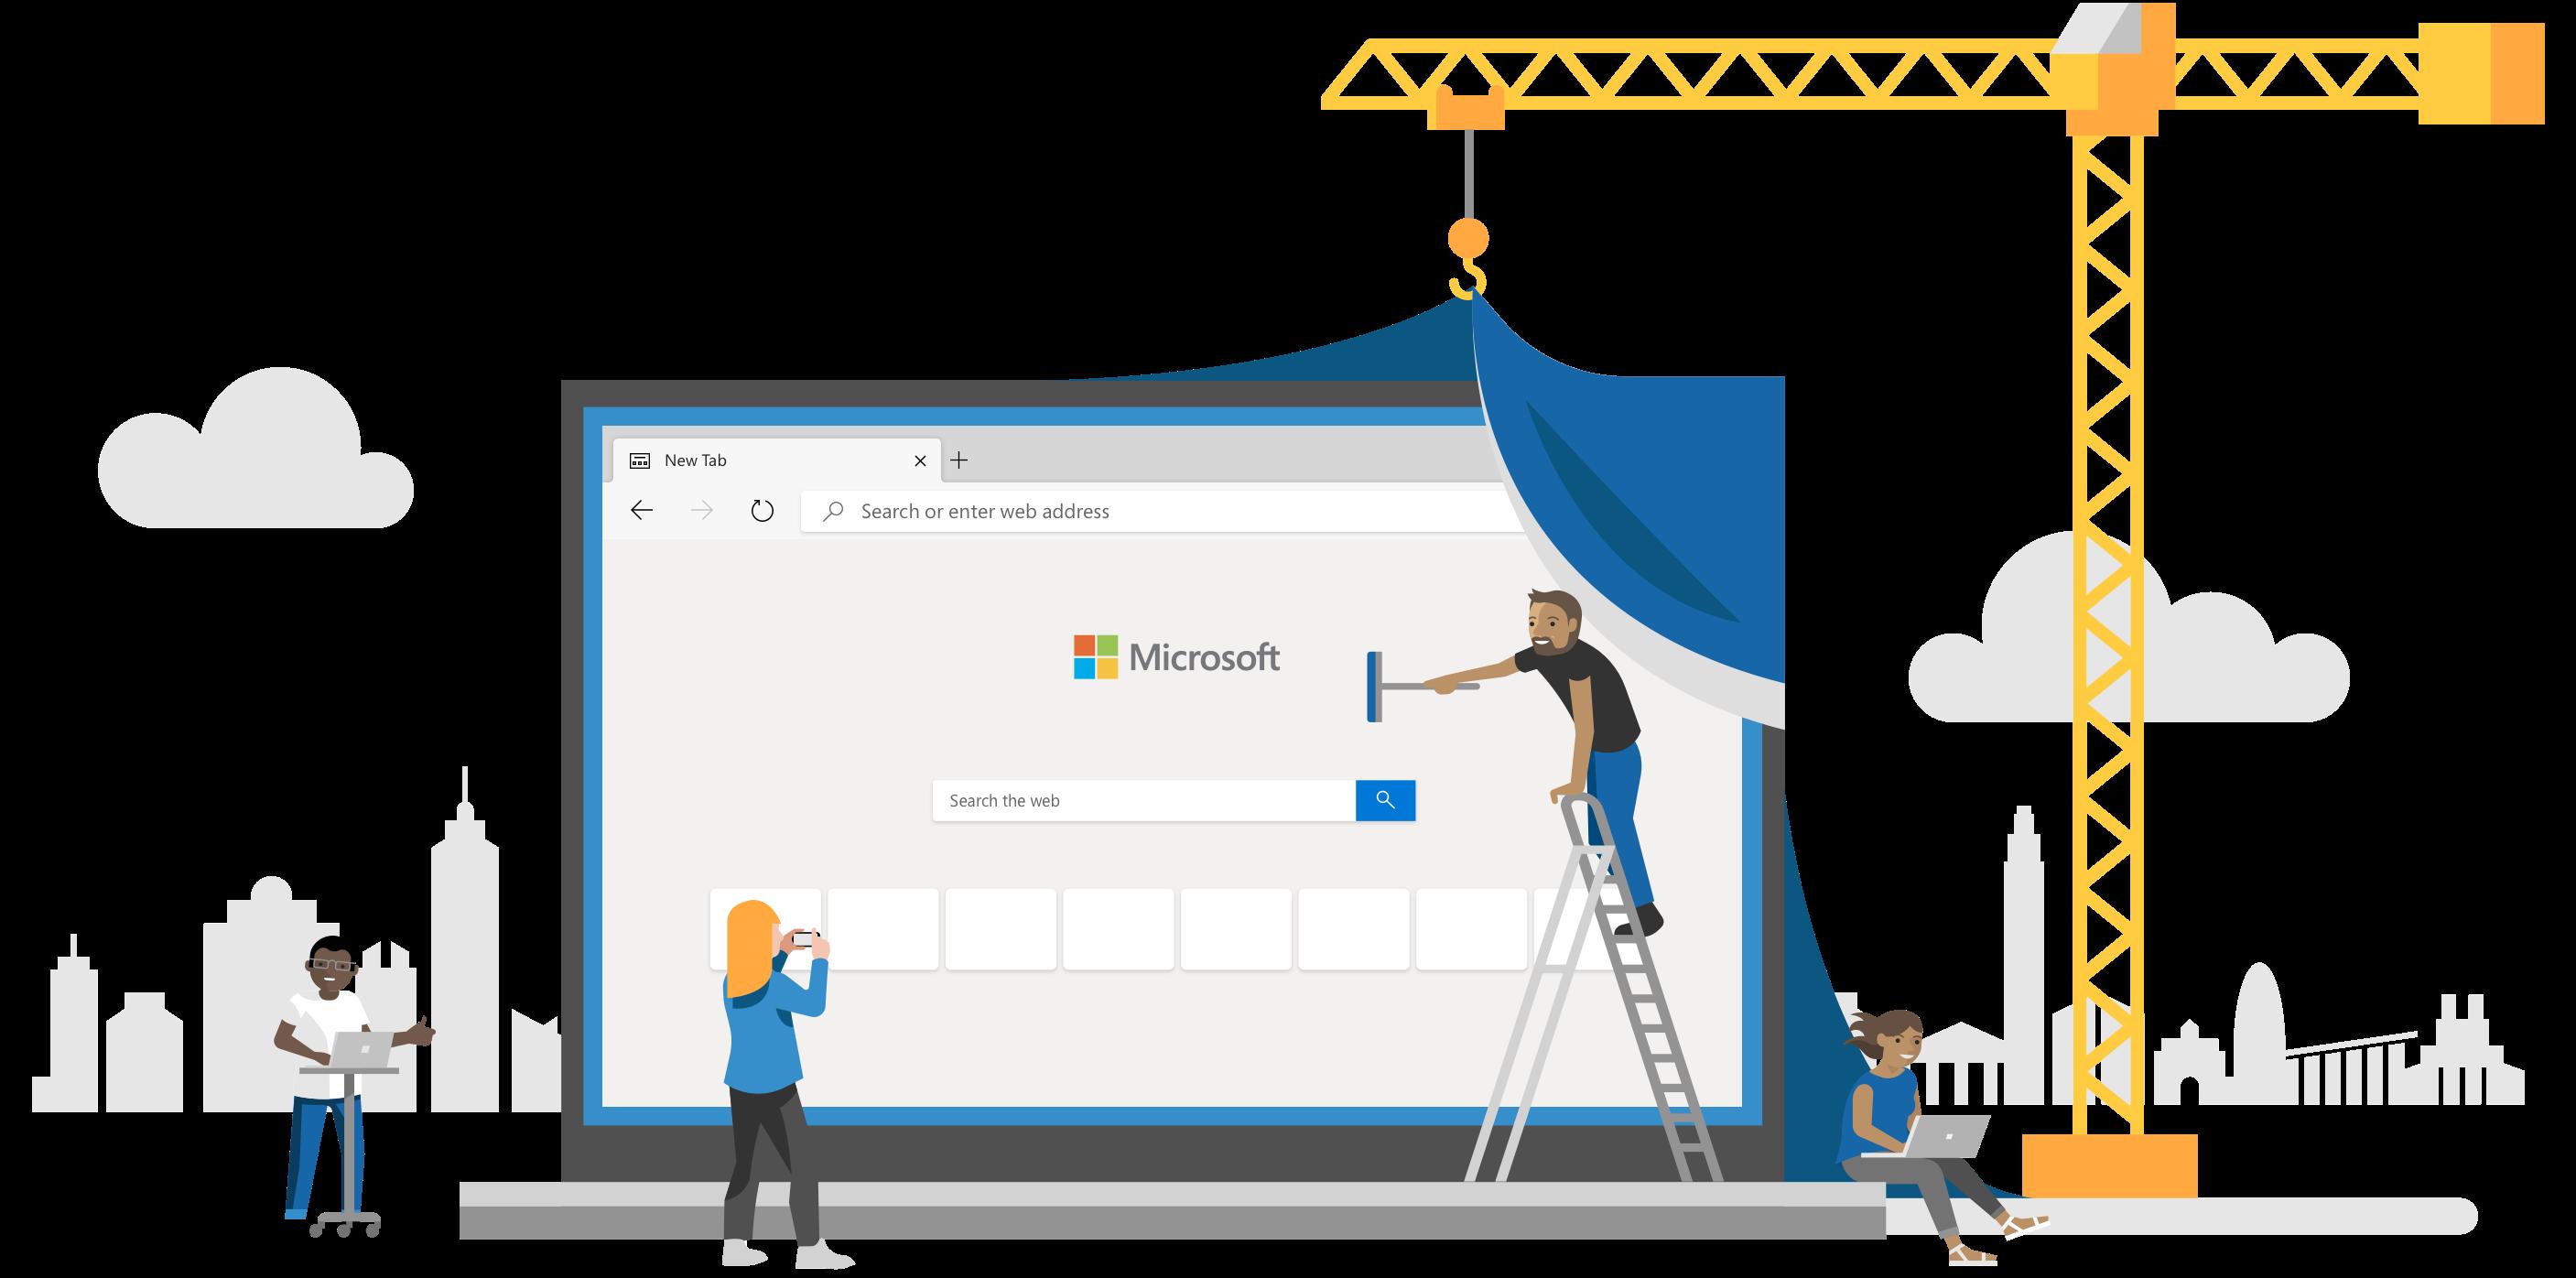 Microsoft выплатит до 30 тыс. долларов за найденные уязвимости в новой сборке браузера Edge - 4